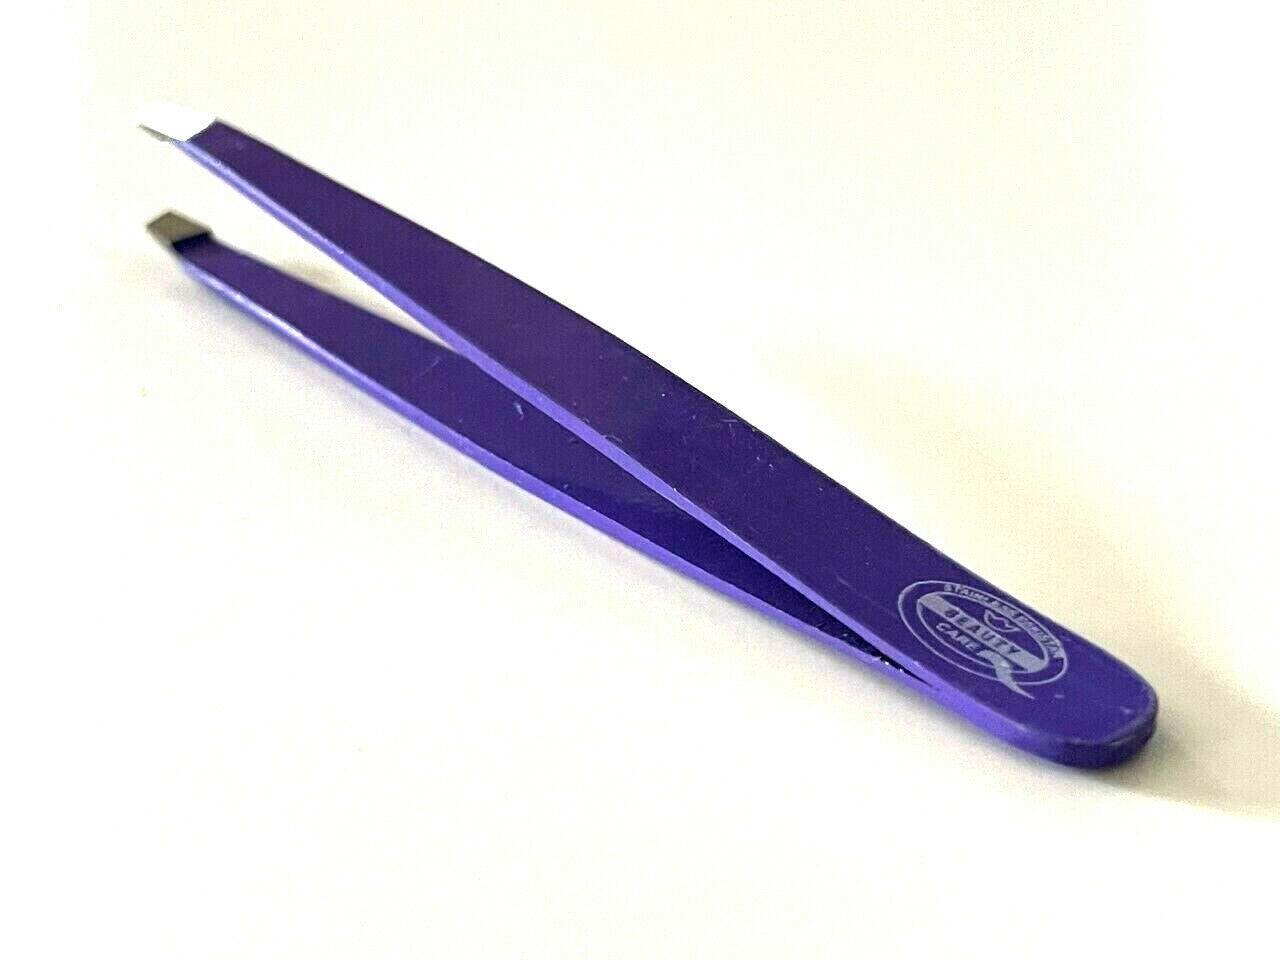 Hair Removal Tweezers Slanted Tip